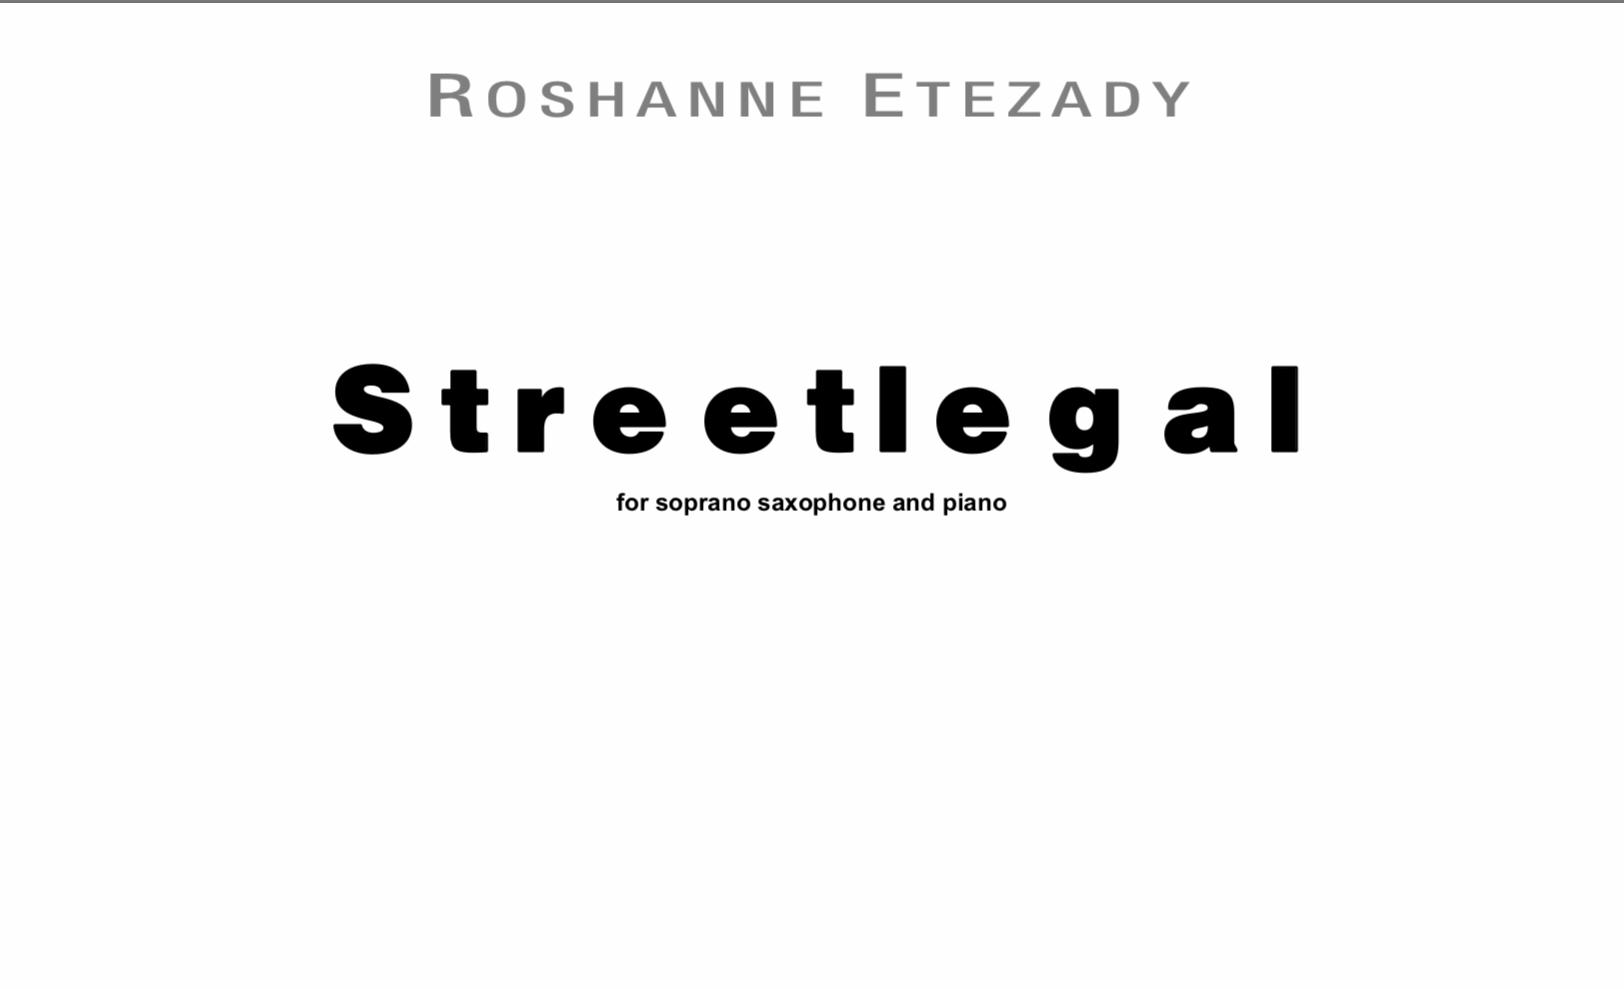 Streetlegal by Roshanne Etezady